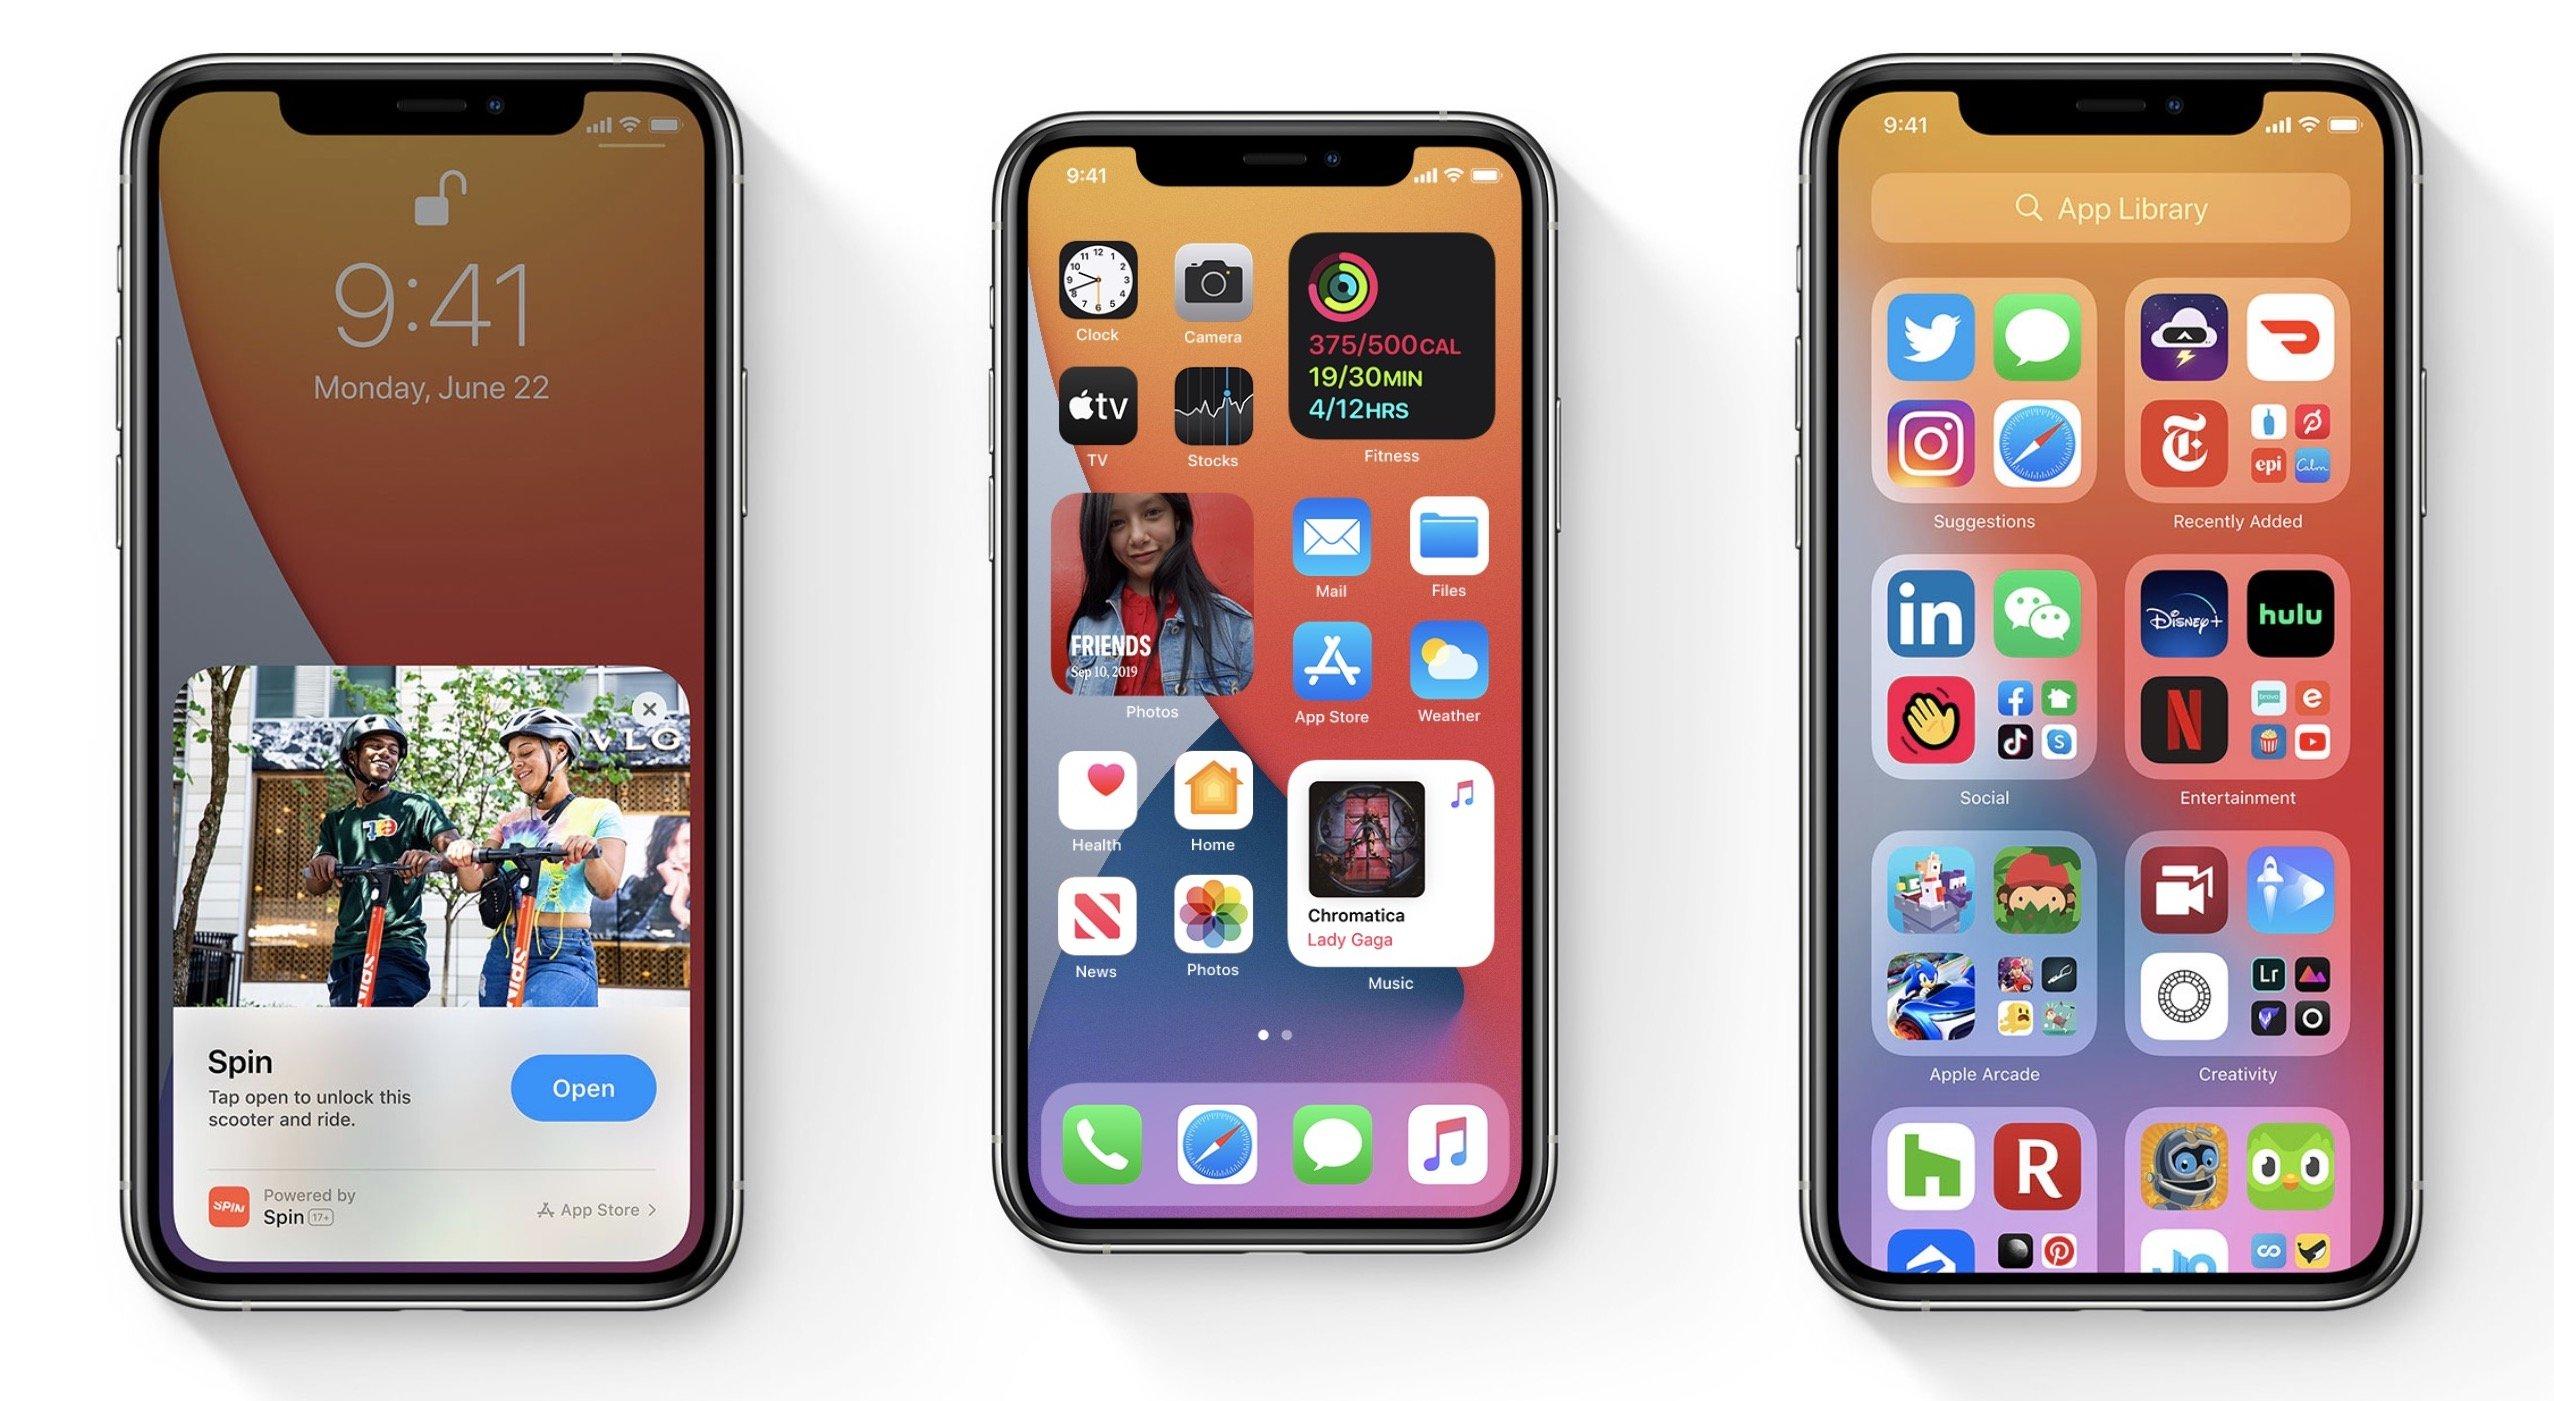 iOS14公测版和开发者测试版有什么不同?